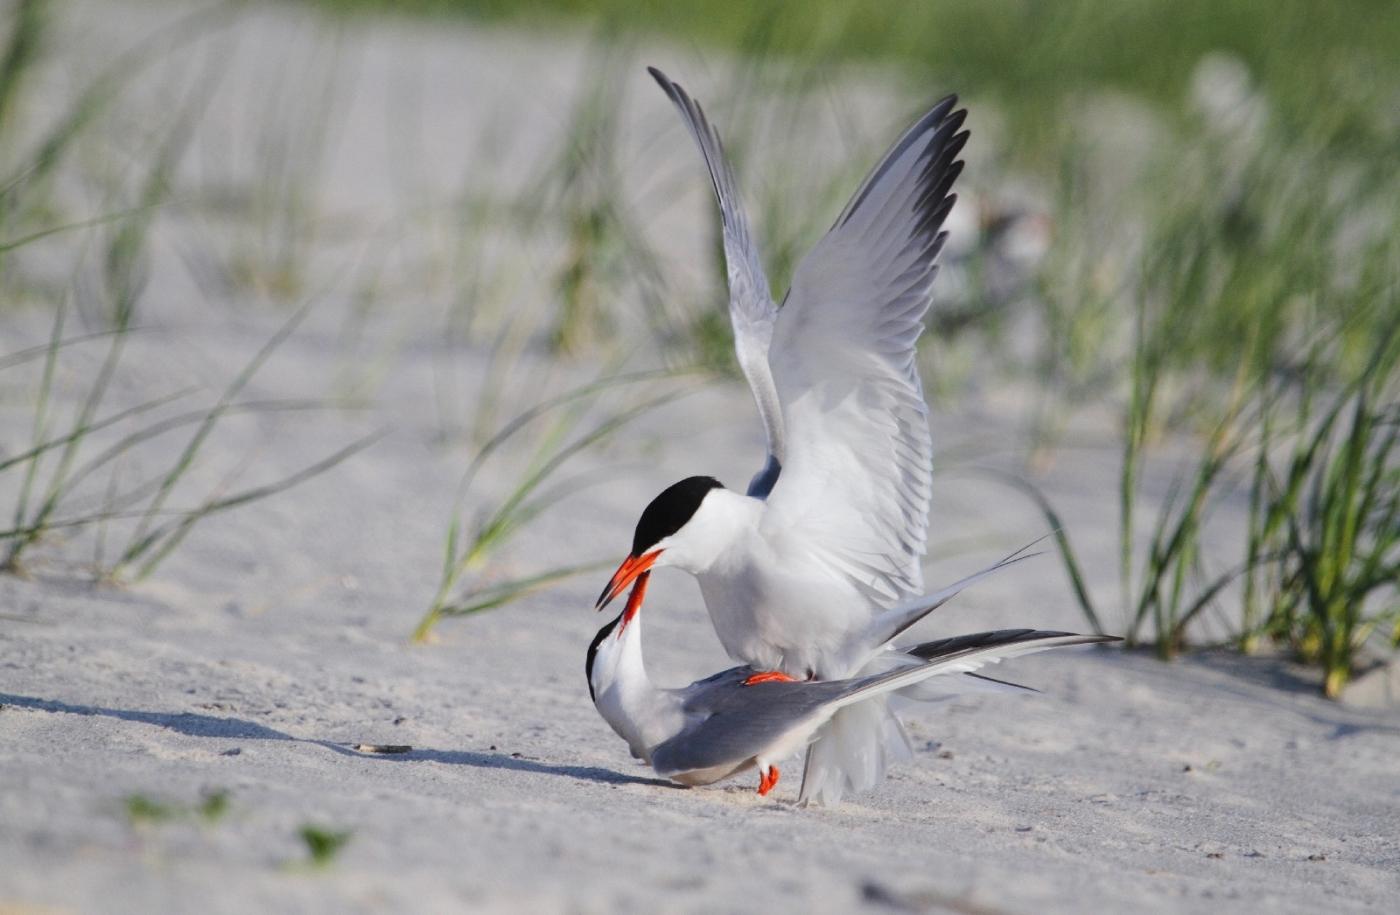 【田螺摄影】nickerson beach拍燕鸥求爱[二]_图1-1